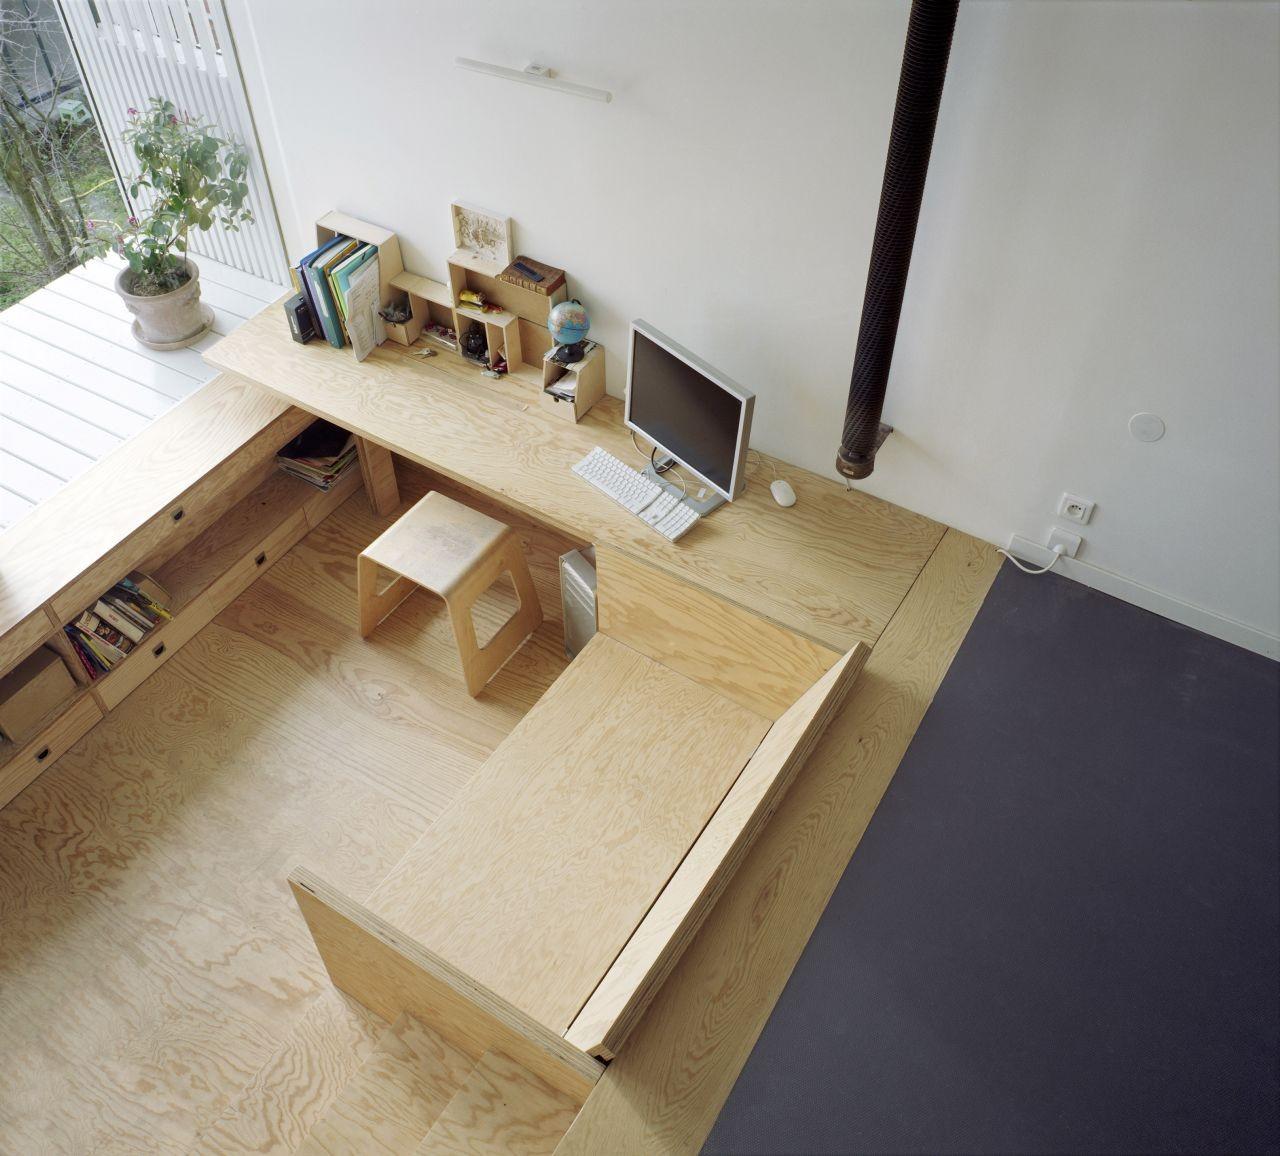 A Suspended Room / NeM Architectes